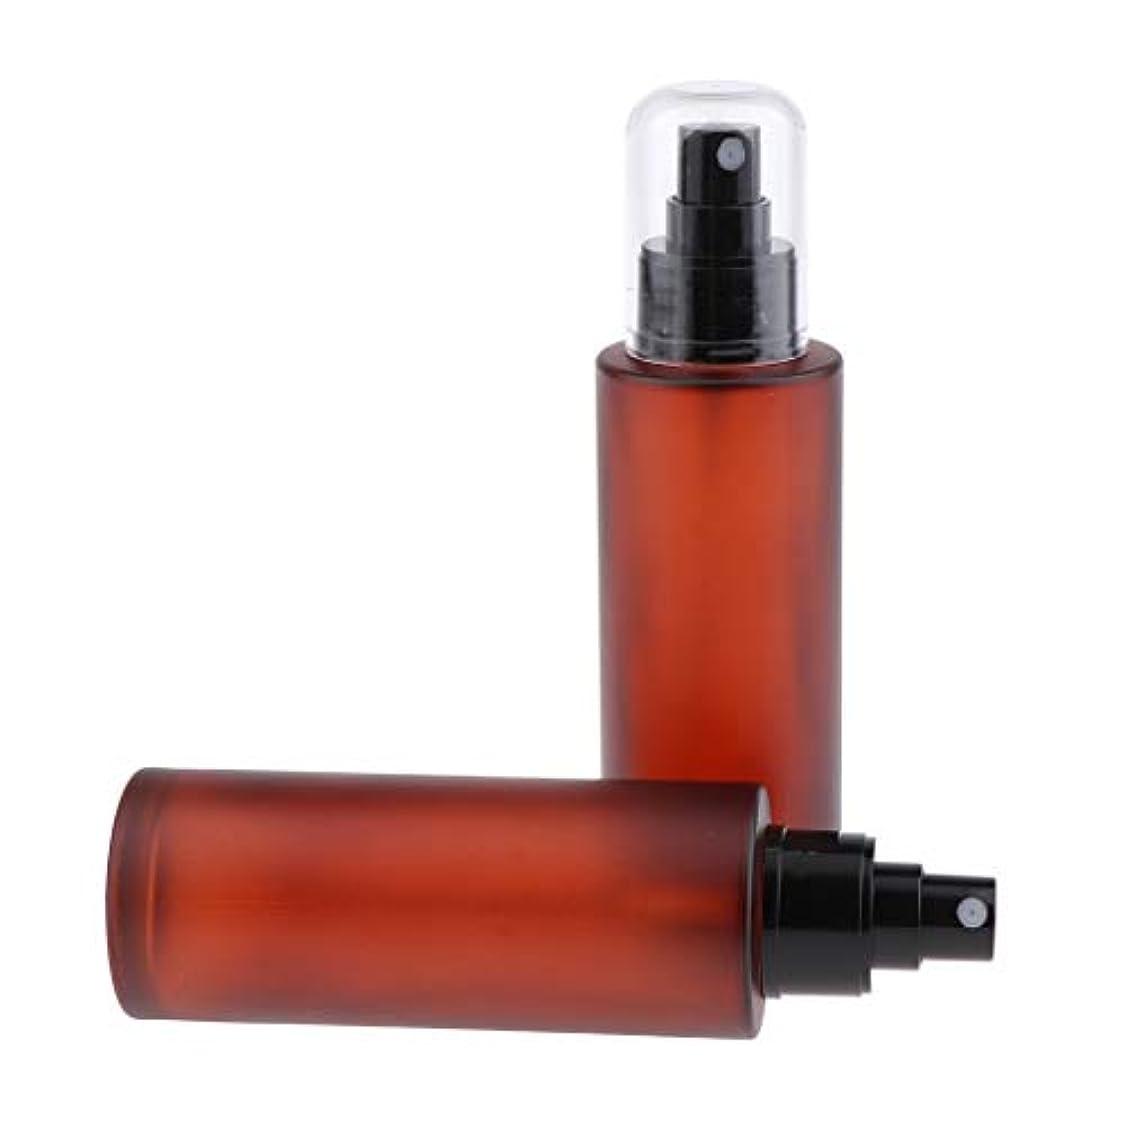 プレゼントアトミック改修2個 香水ボトル ポンプスプレーボトル ガラスアトマイザー 旅行小物 4サイズ選べ - 100ml